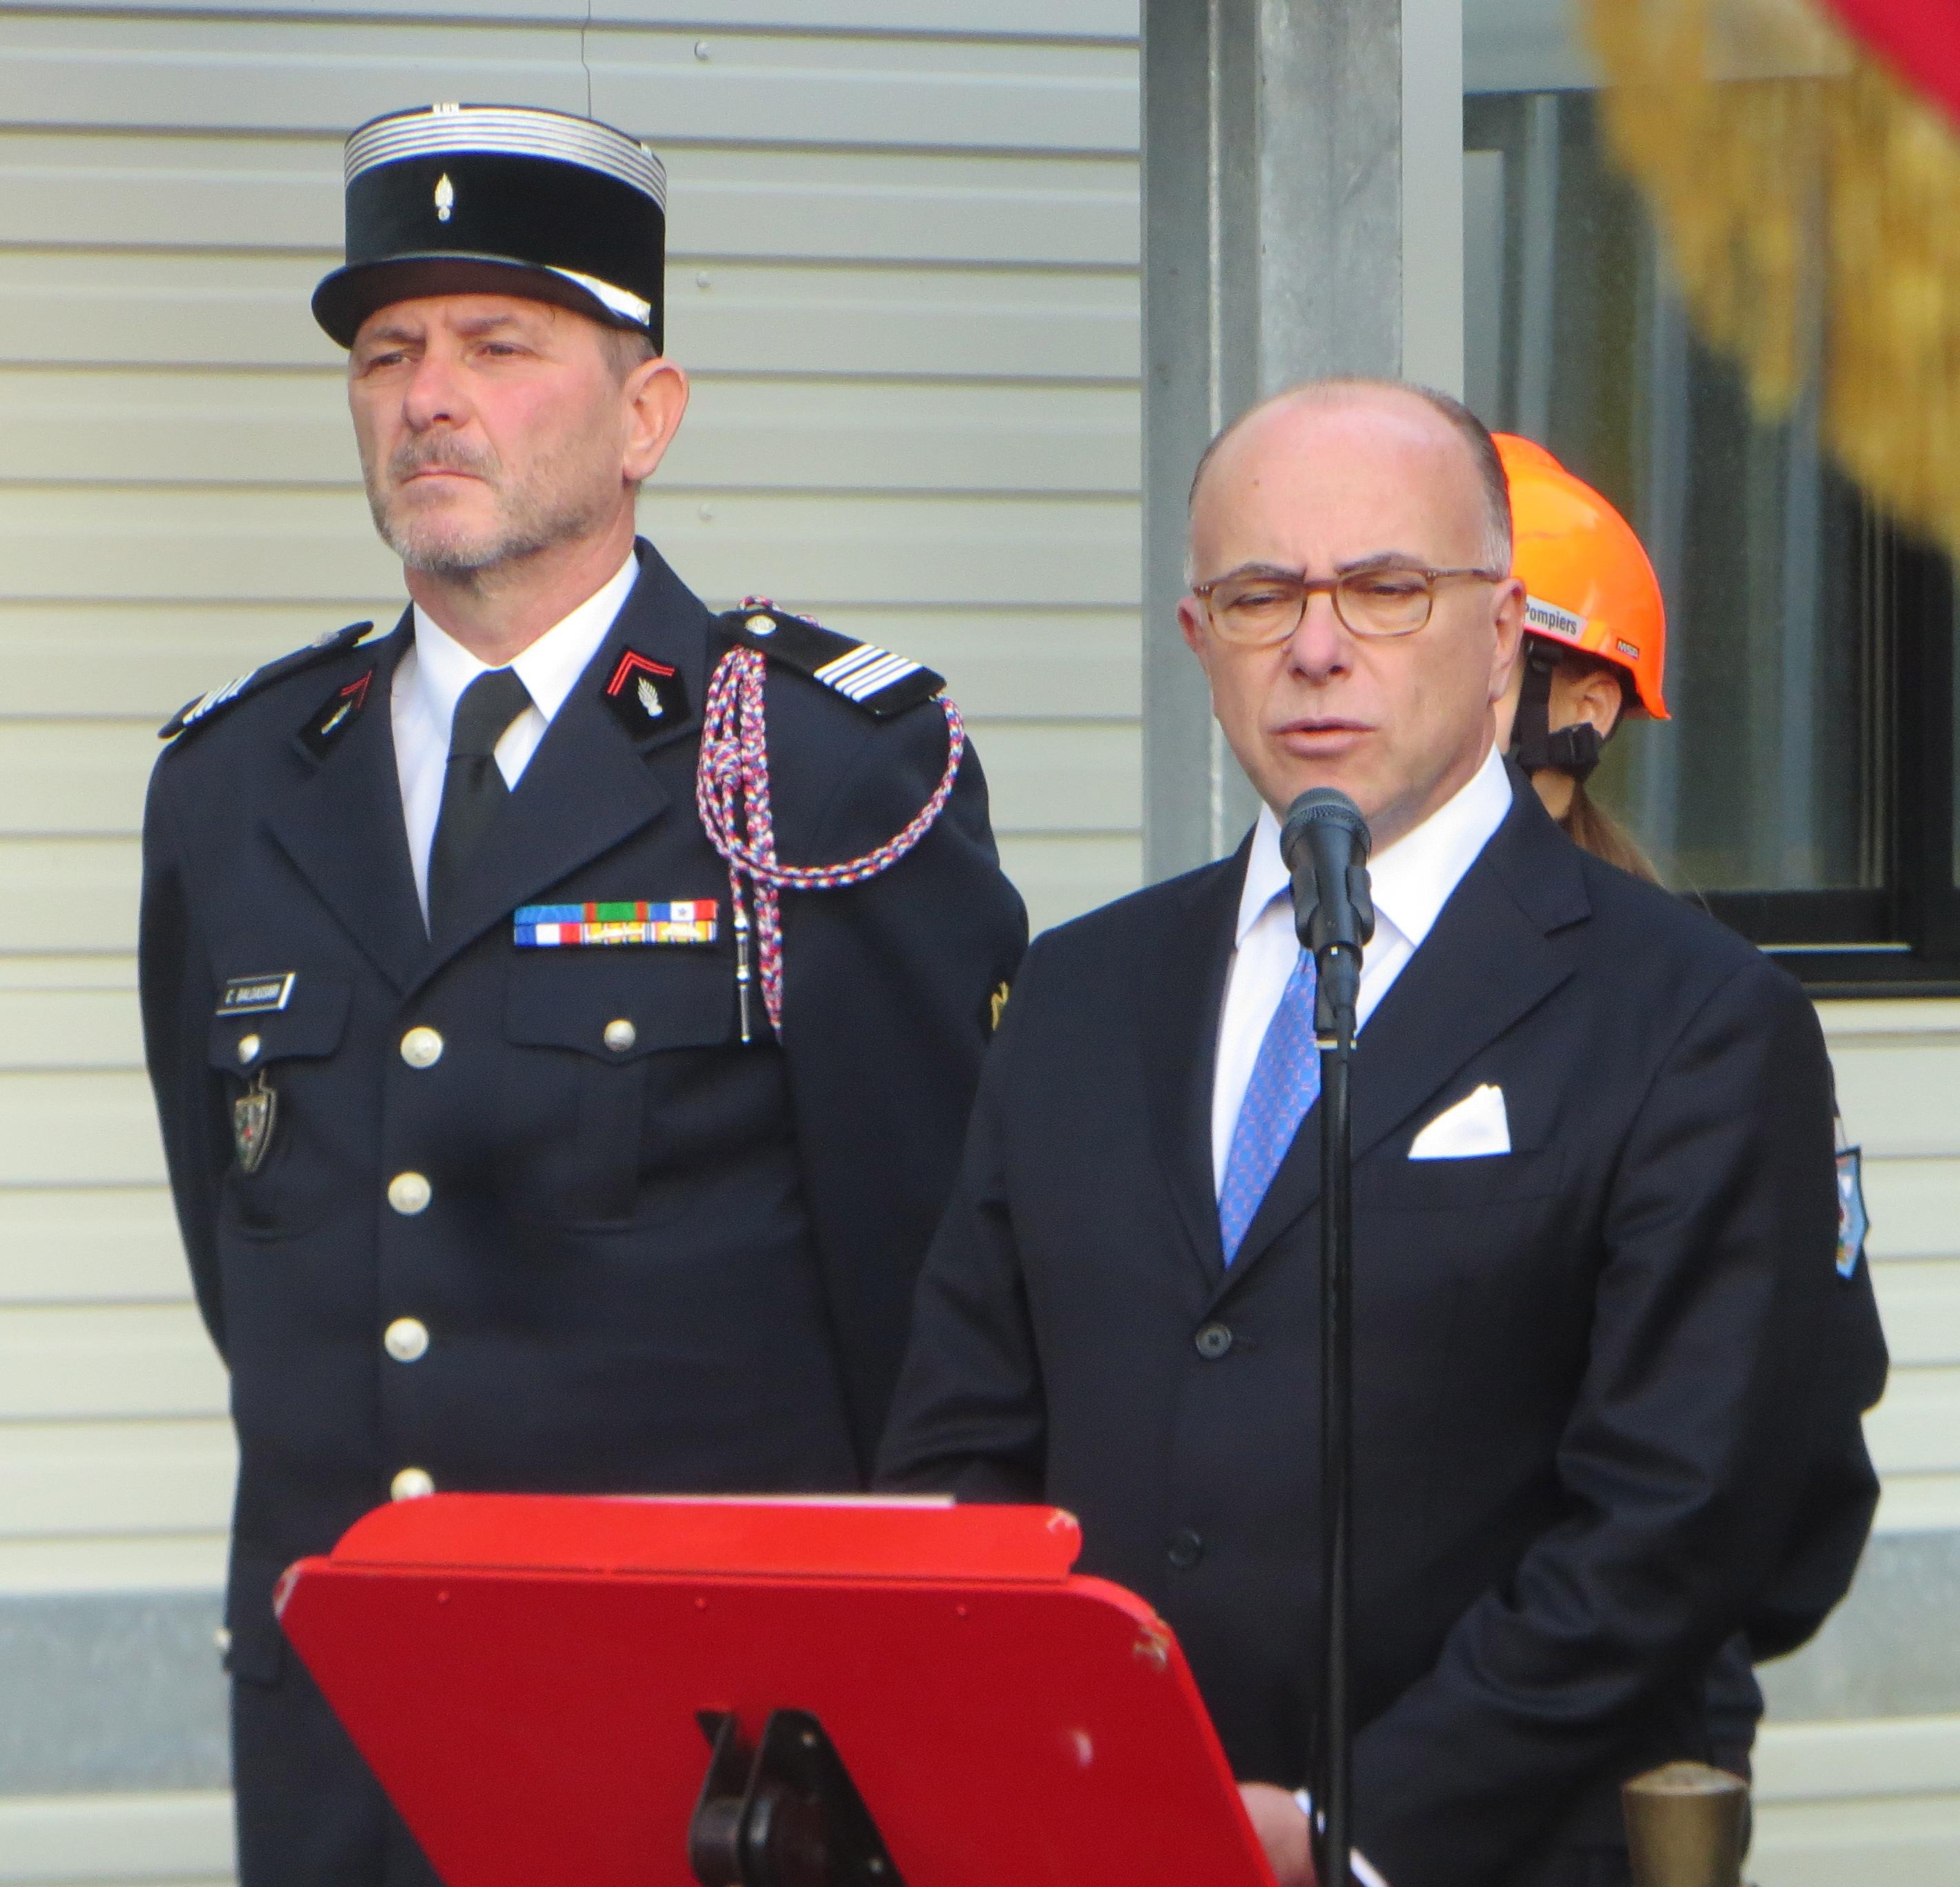 Le Colonel Charles Baldassari en compagnie de Bernard Cazeneuve, alors ministre de l'intérieur, vendu décorer le SDIS 2B pour son action lors des inondations.